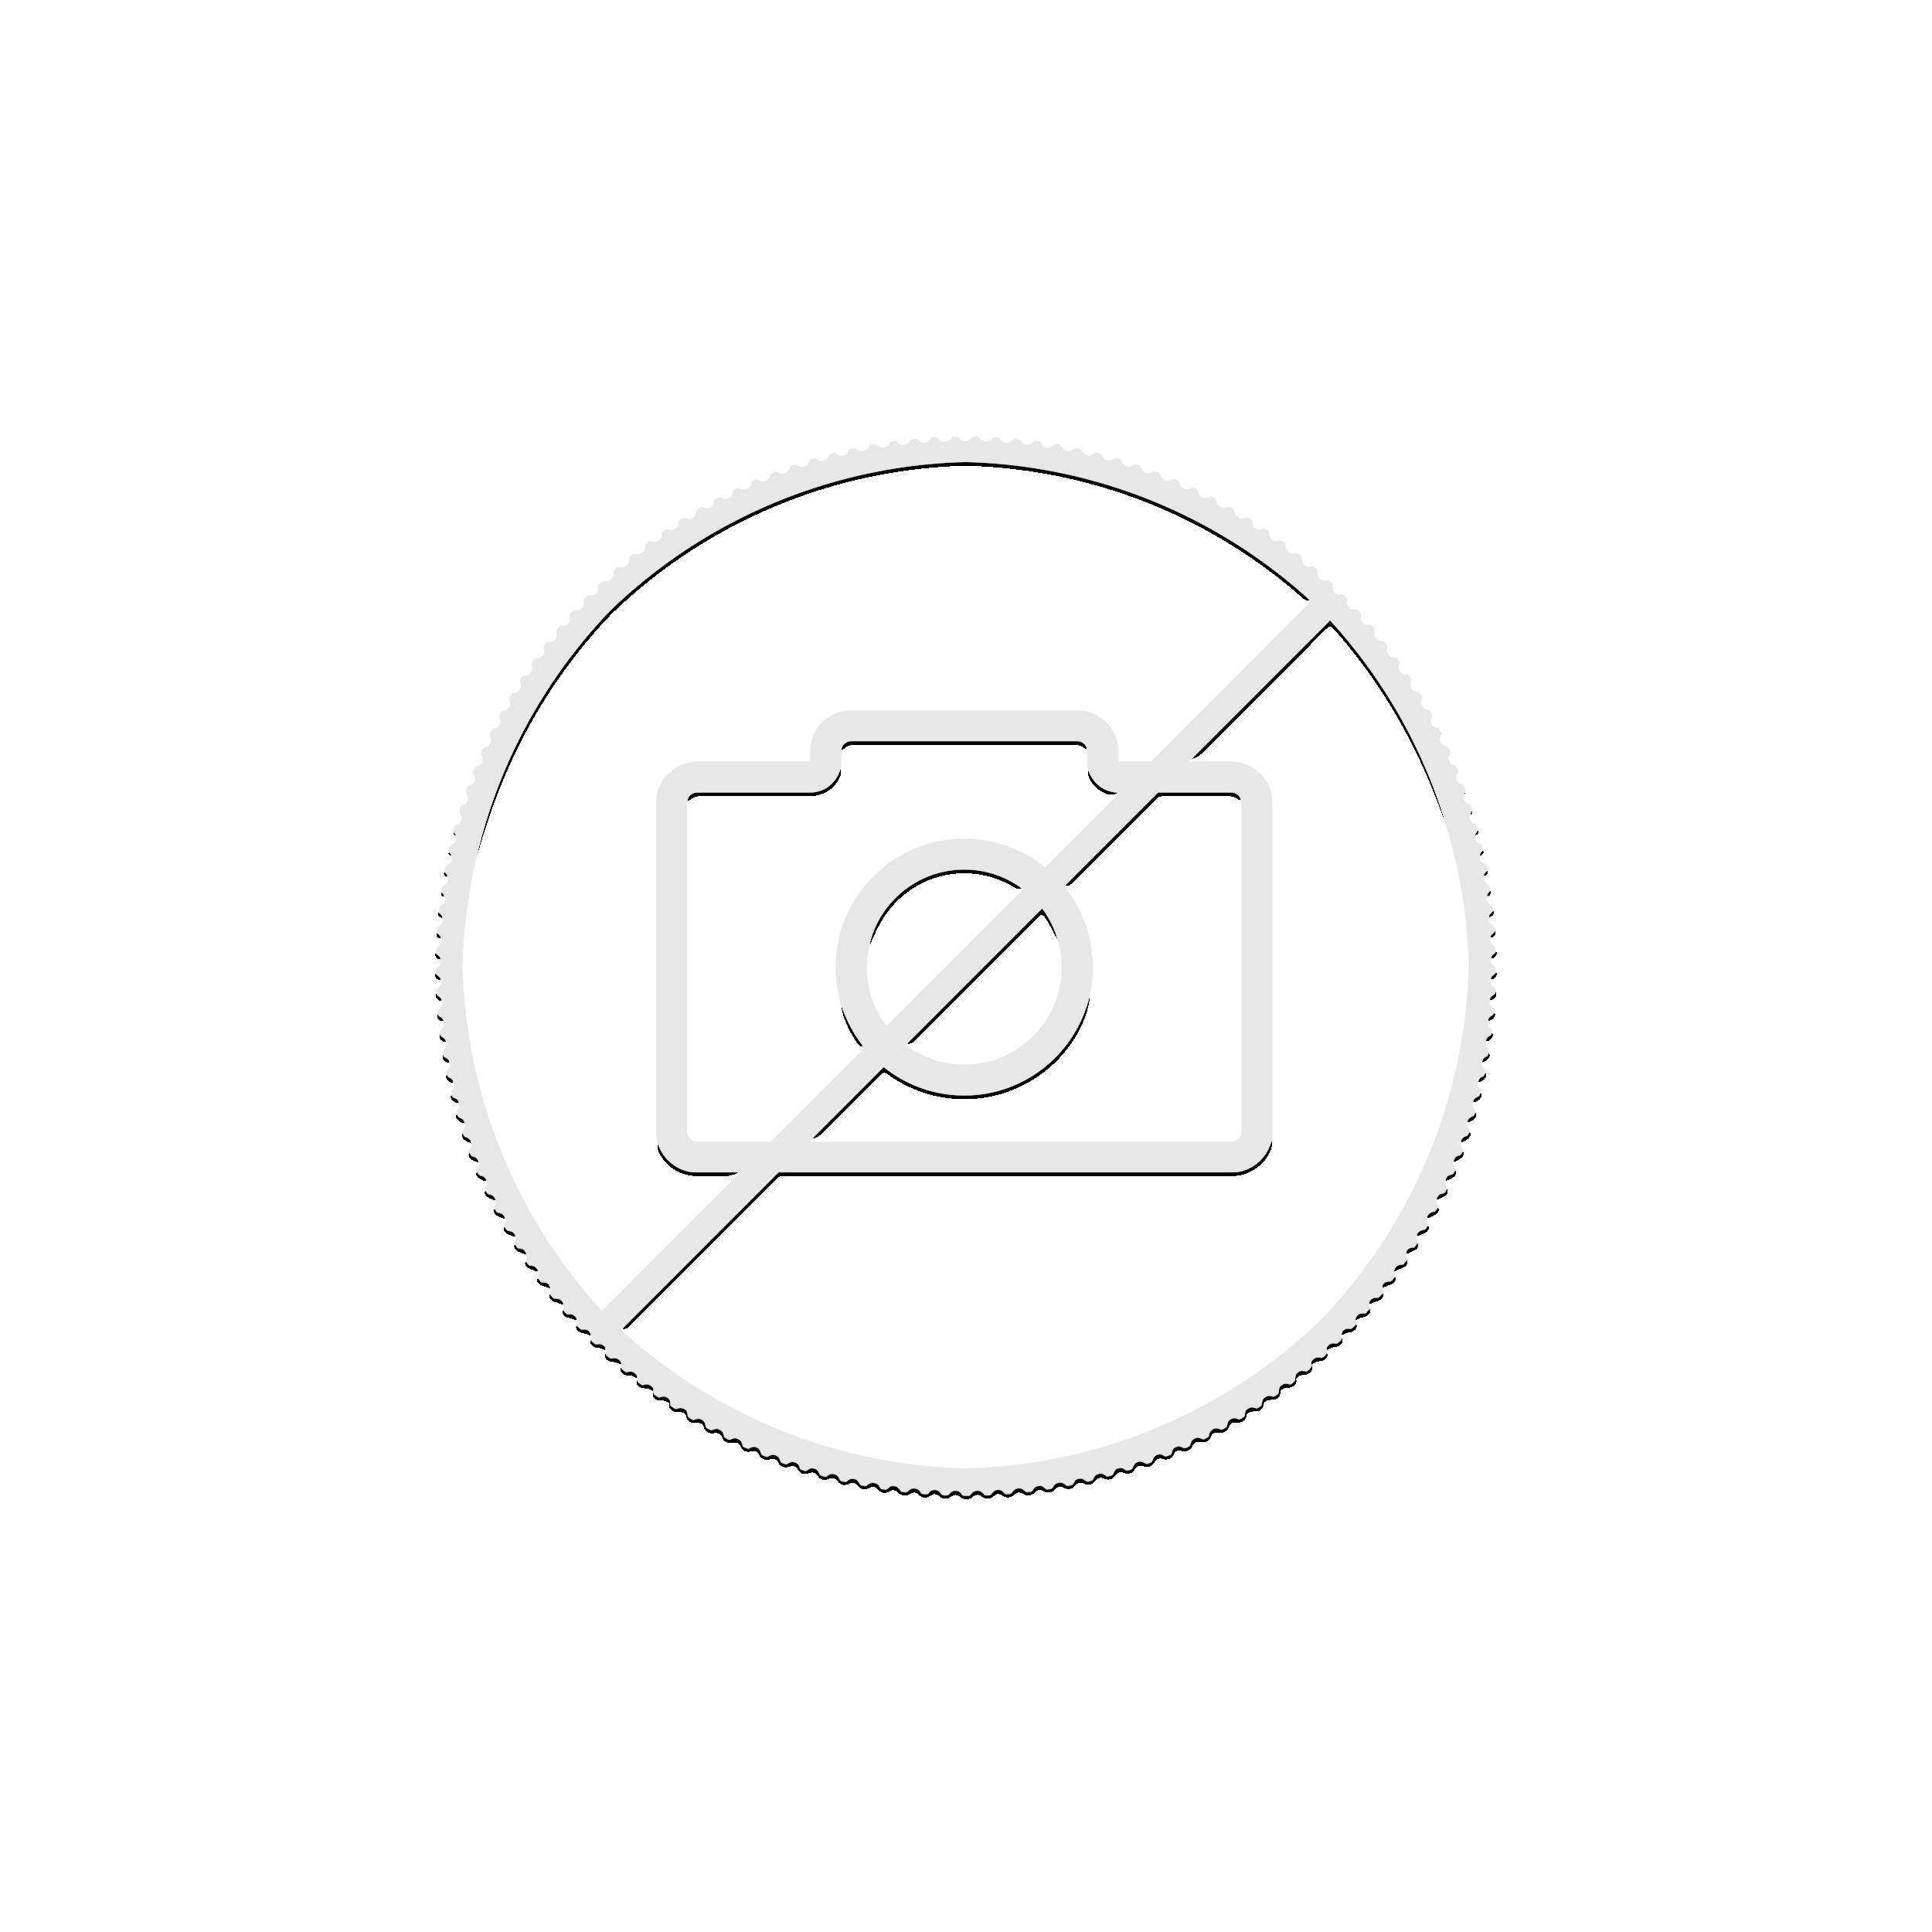 1 Troy ounce zilveren munt Maple Leaf 2018 ingeslagen blad